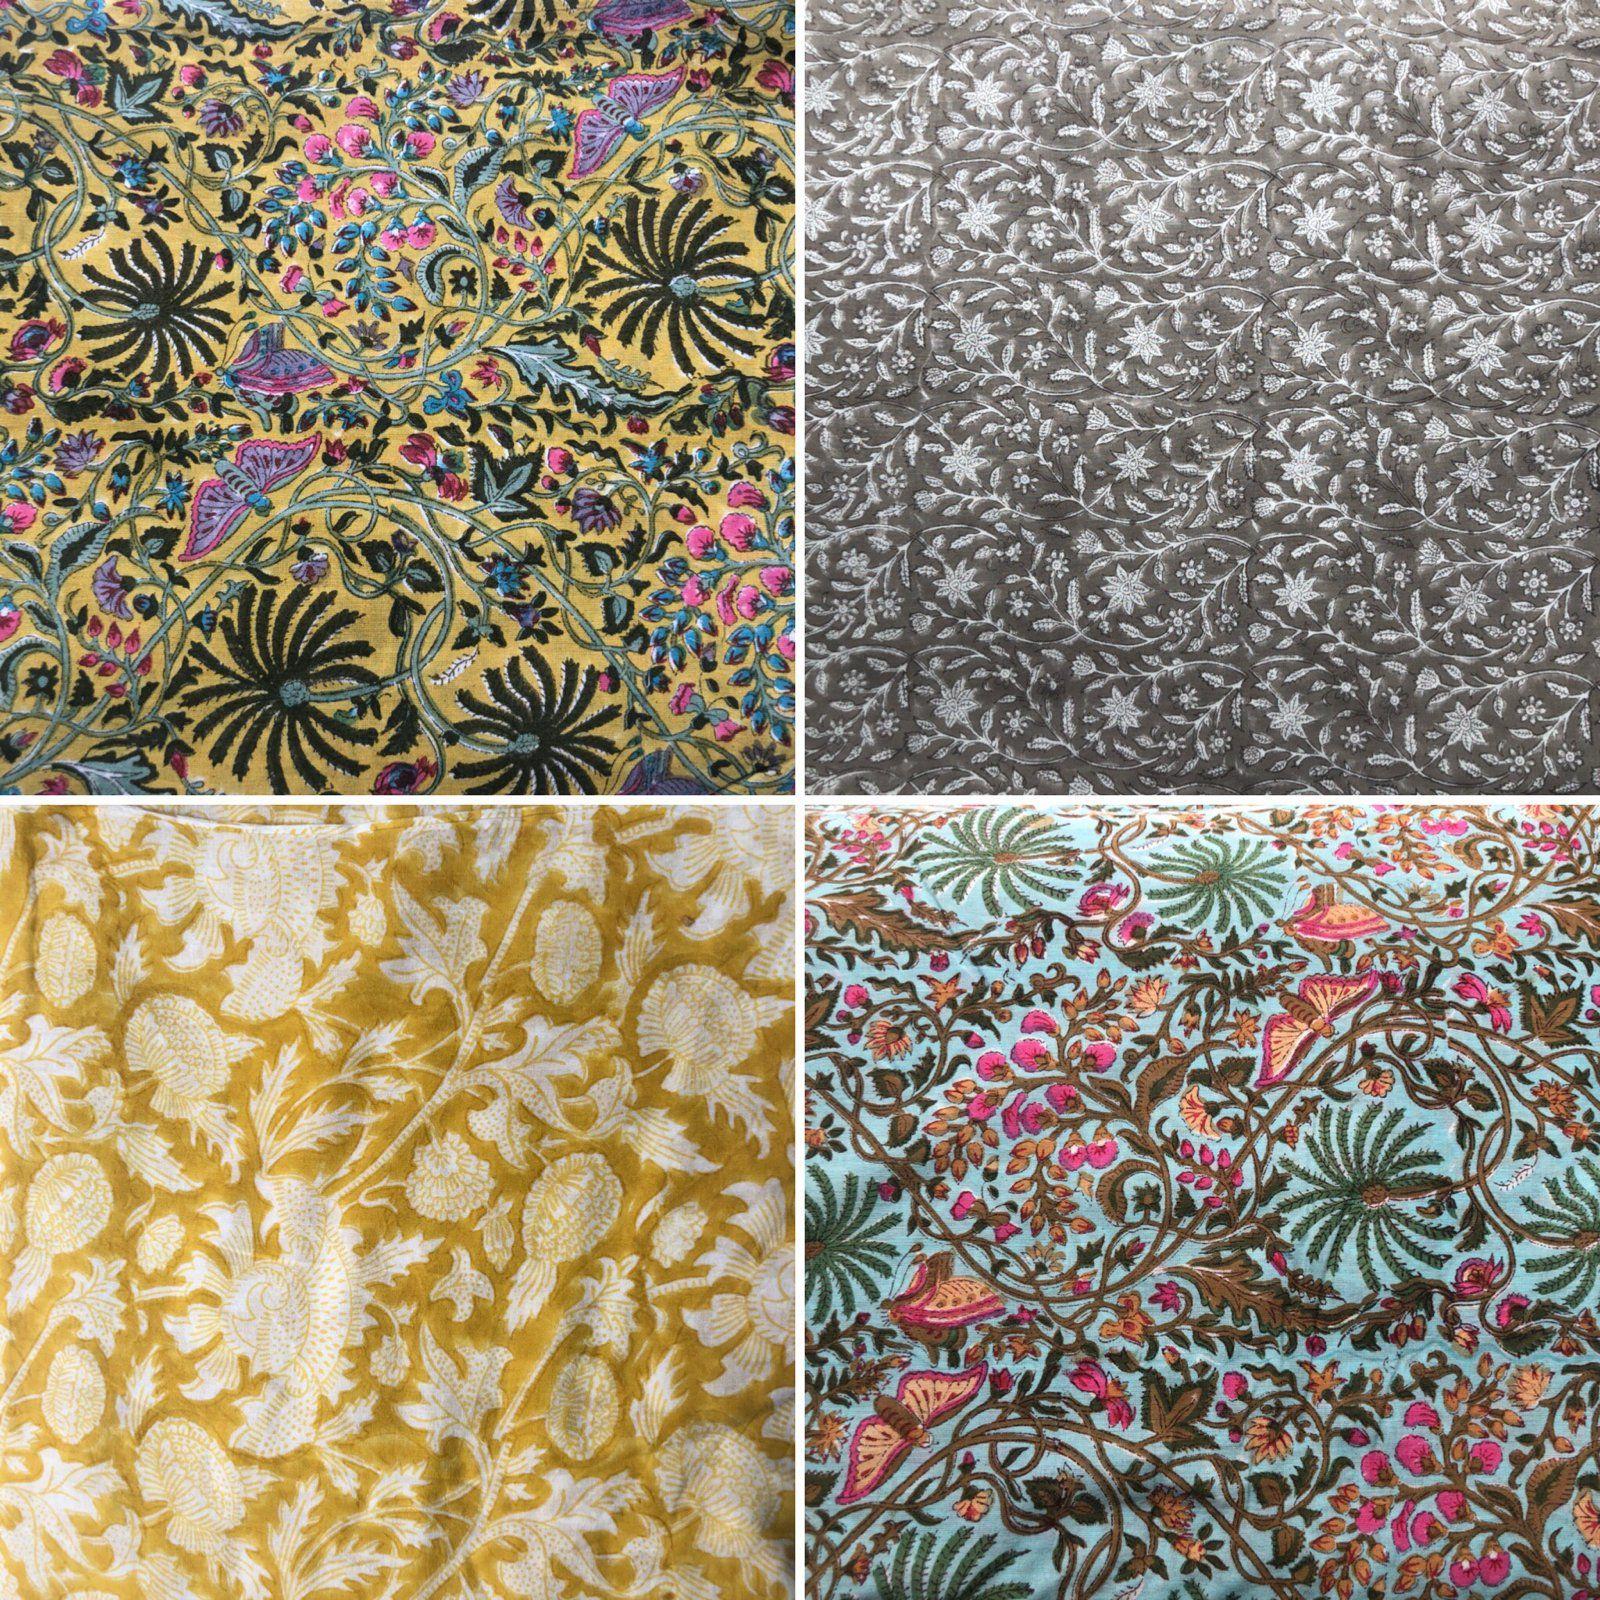 Comment Nettoyer Des Coussins De Caravane tissu imprimé aux tampons en inde fleuris | imprimer sur